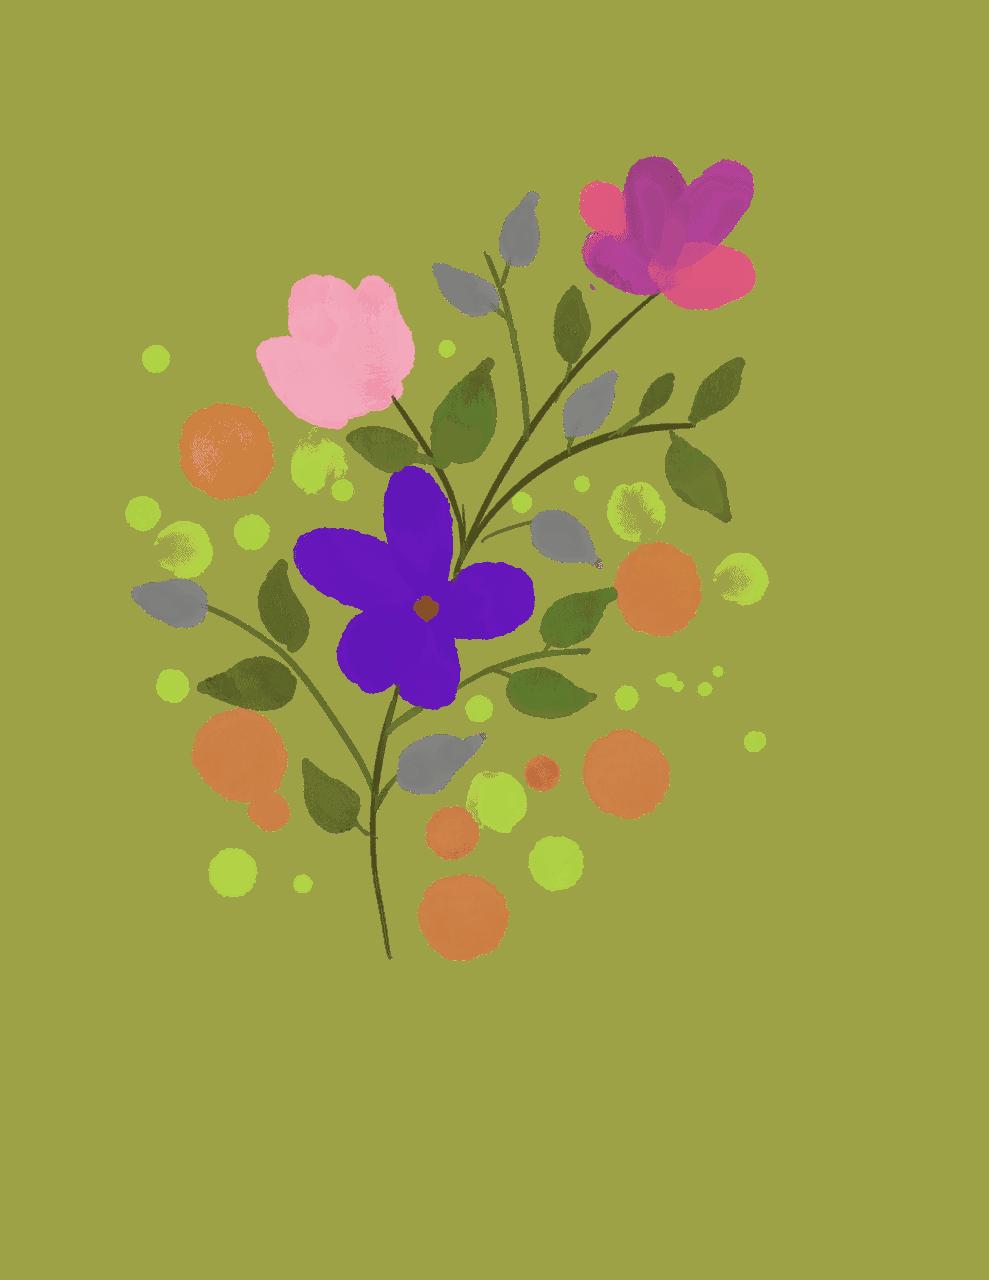 flower-41487071280